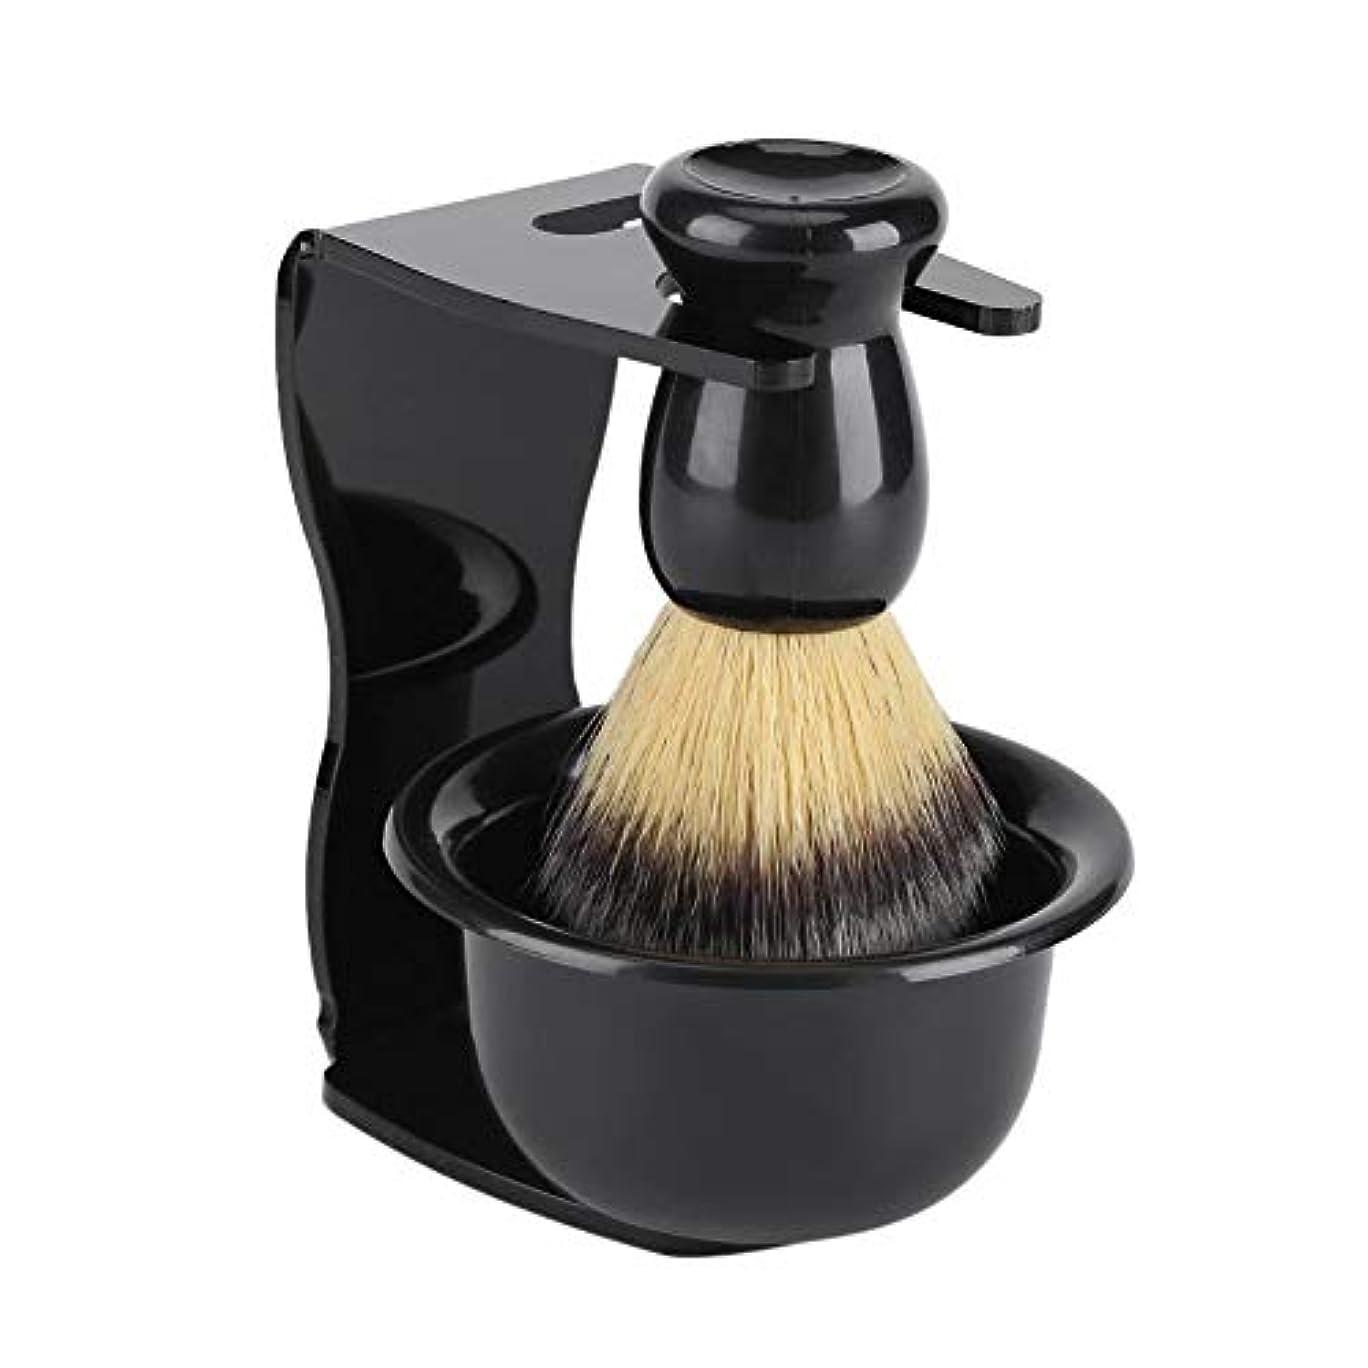 マイルストーンびん文房具3セットひげブラシ シェービングブラシ プレゼントシェービングブラシセット プラシスタンド 石鹸ボウル 理容 洗顔 髭剃り